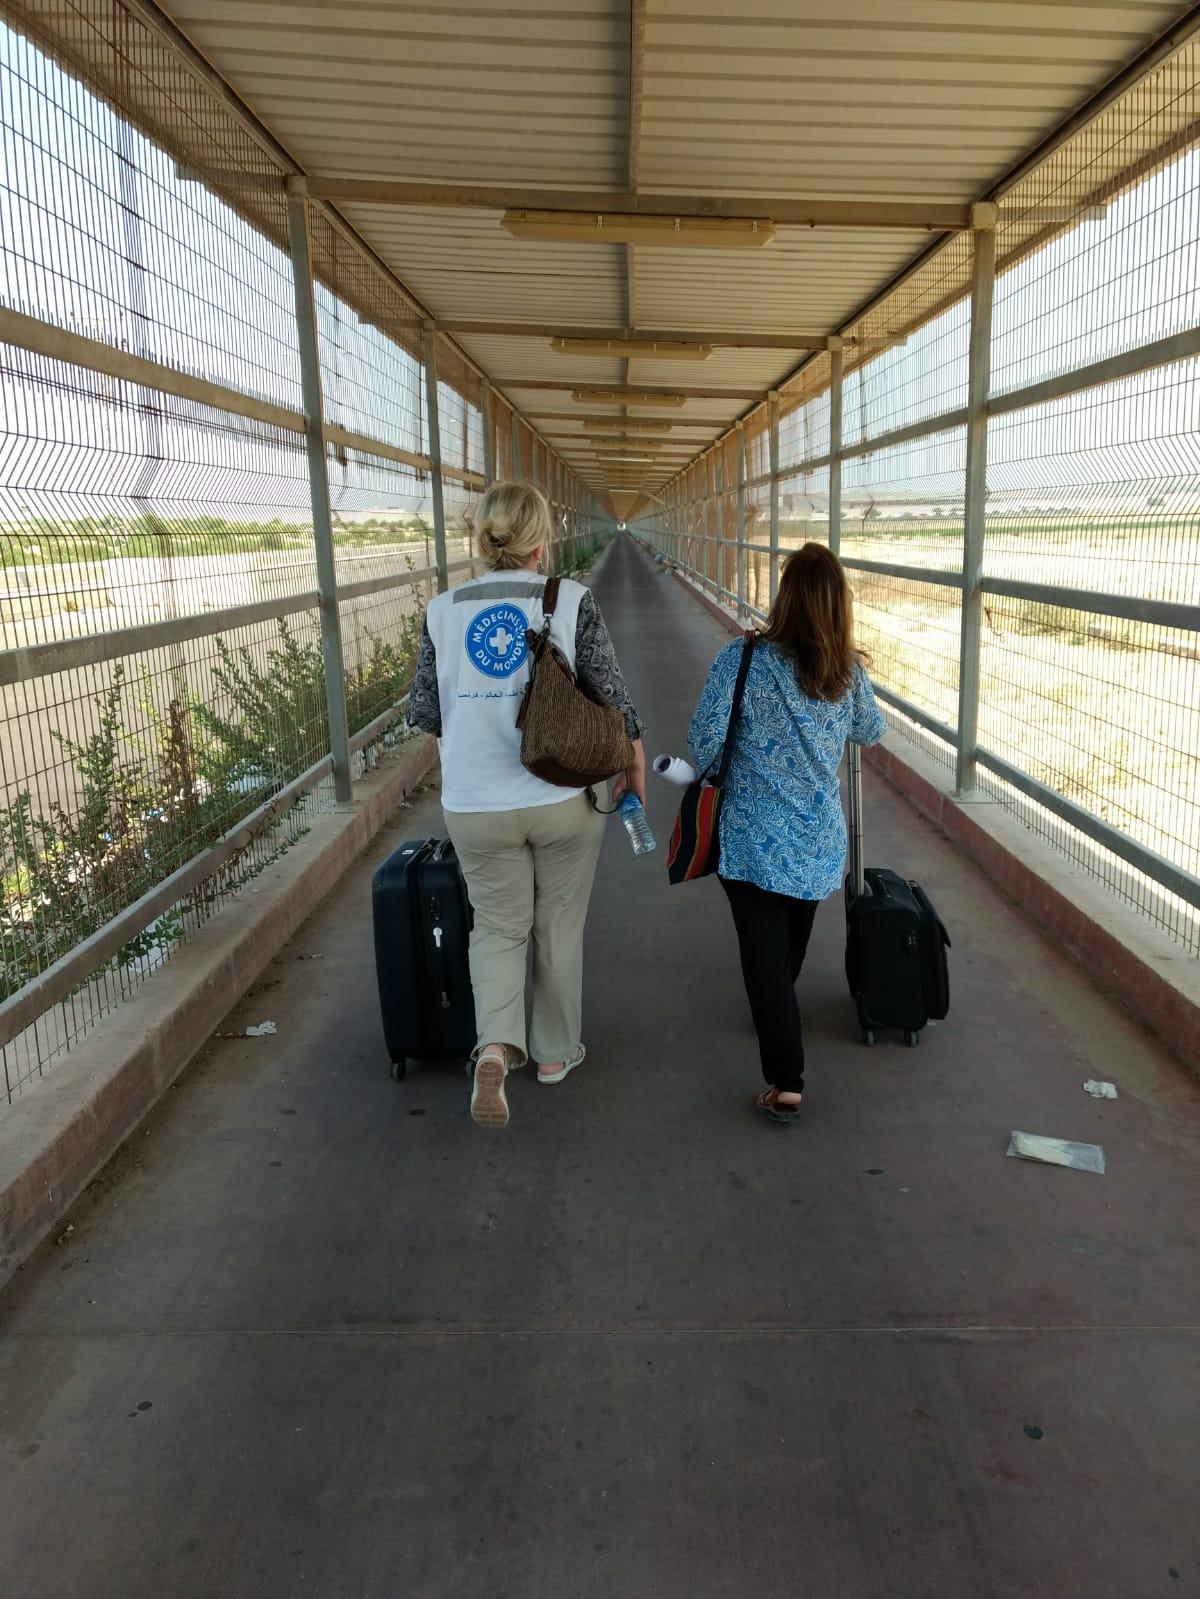 Ärzte der Welt Mitarbeiterinnen gehen durch einen 800 Meter langen, käfigartigen Gang. Die Einreise in den Gazastreifen steht unter strengsten Bedingungen - Pässe werden an beiden Enden des Korridors kontrolliert.